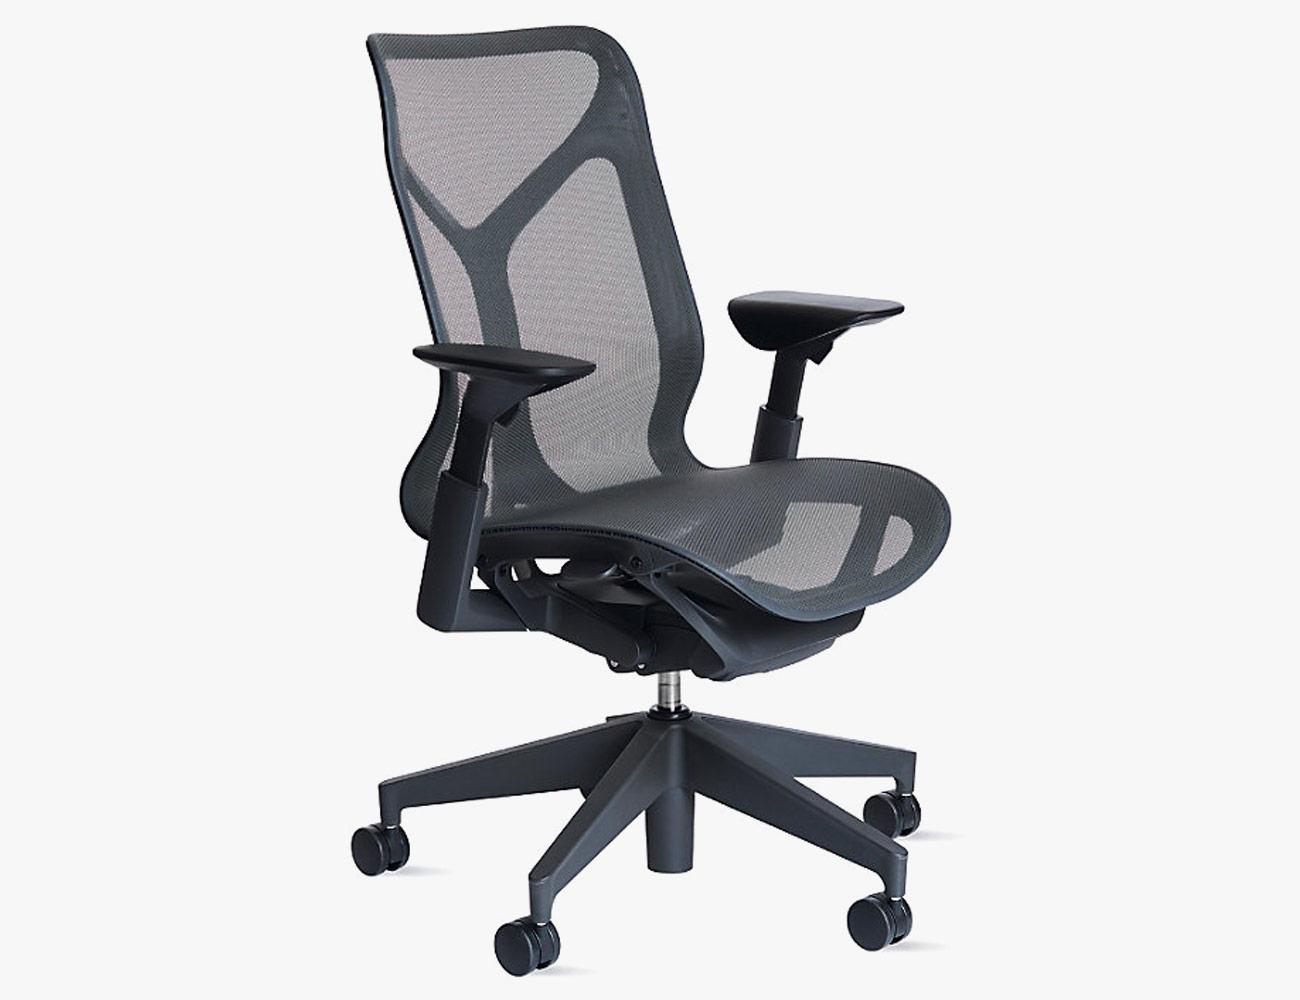 Best Passive Ergonomic Office Chair: Herman Miller Cosm